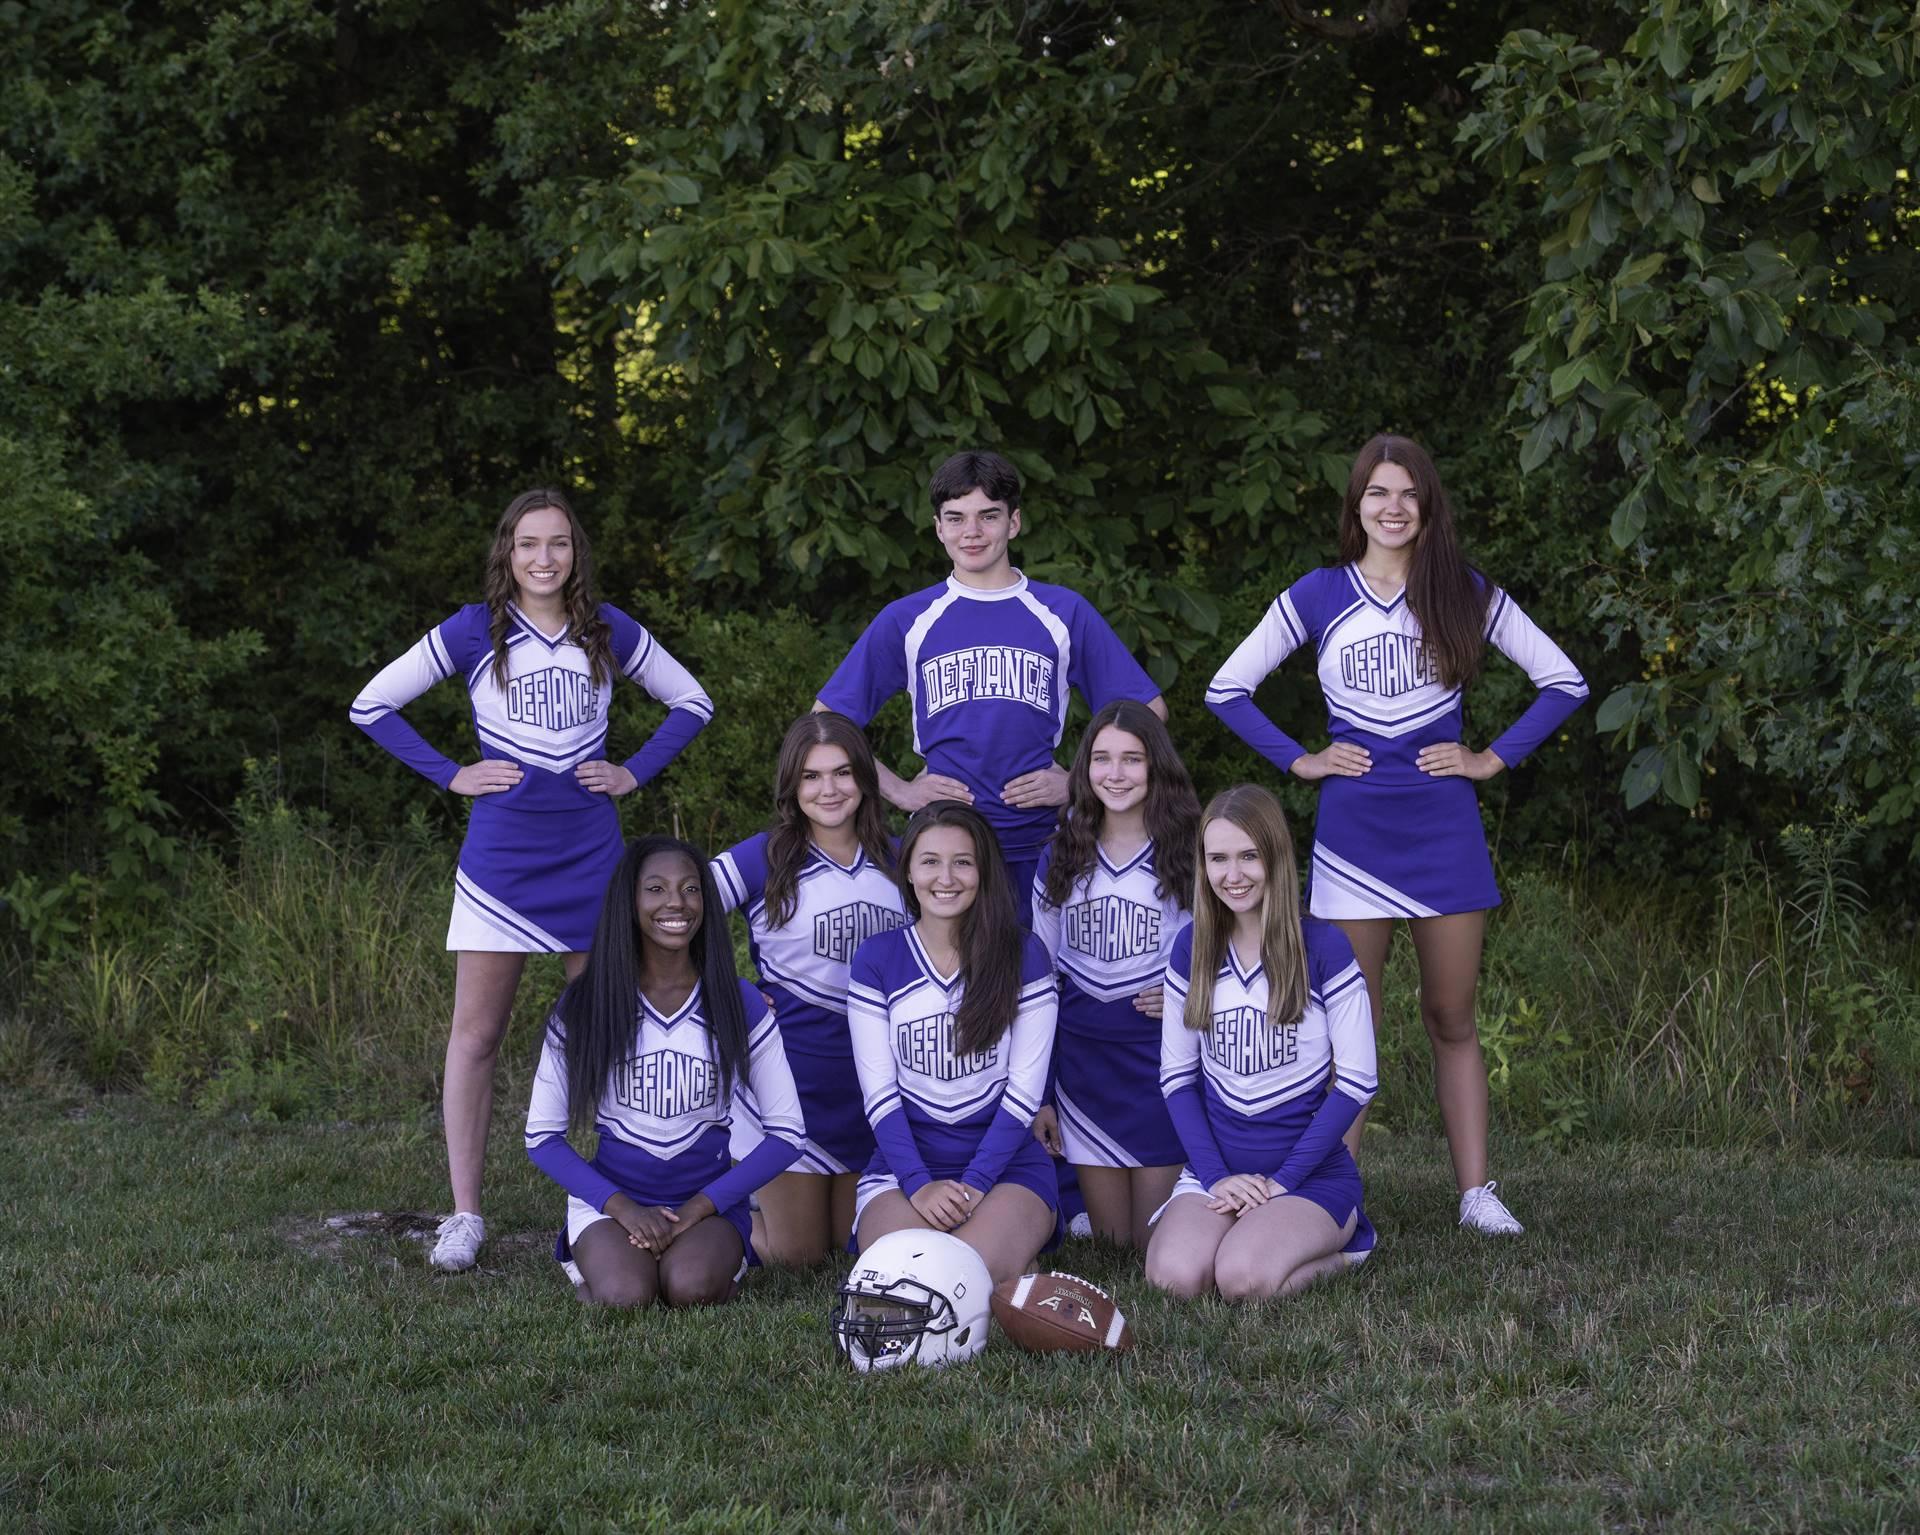 Varsity Cheerleaders